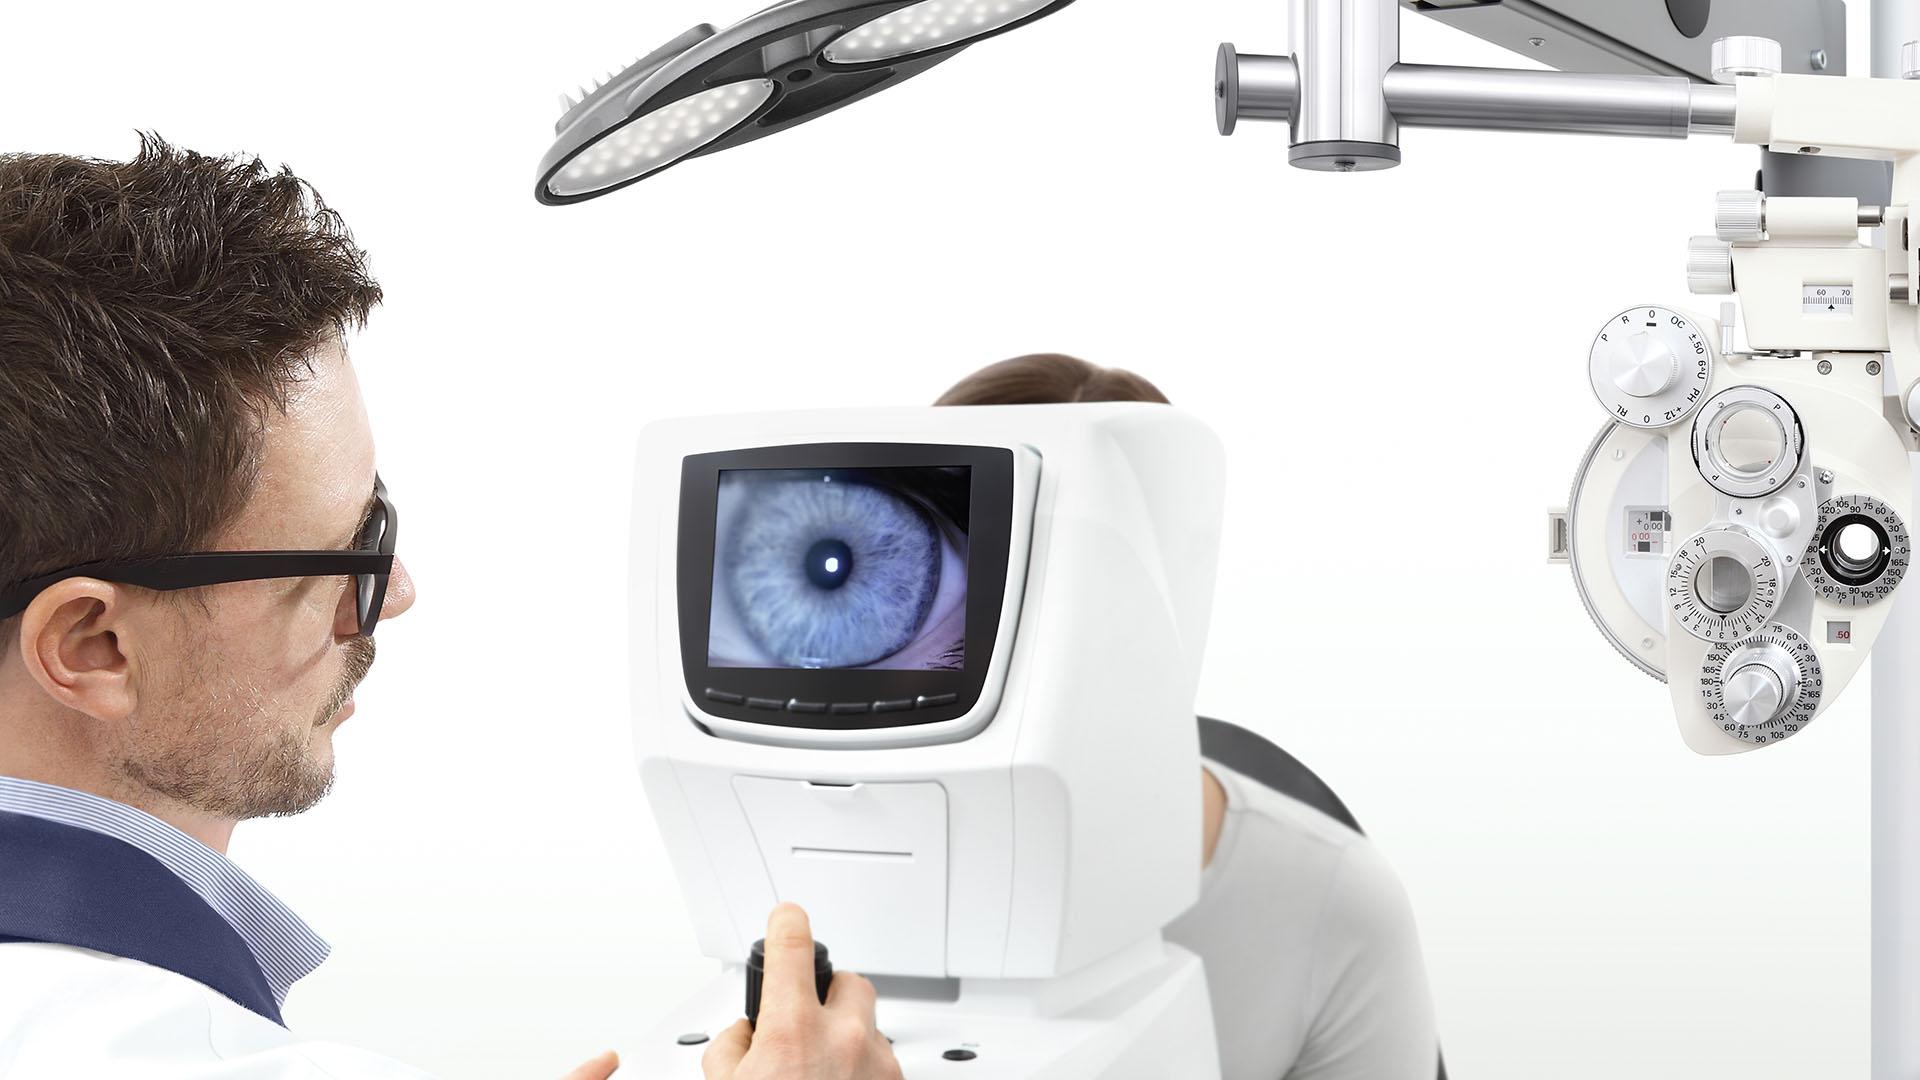 El glaucoma es una enfermedad neurodegenerativa, crónica, que provoca aumento de la presión intraocular (Getty)